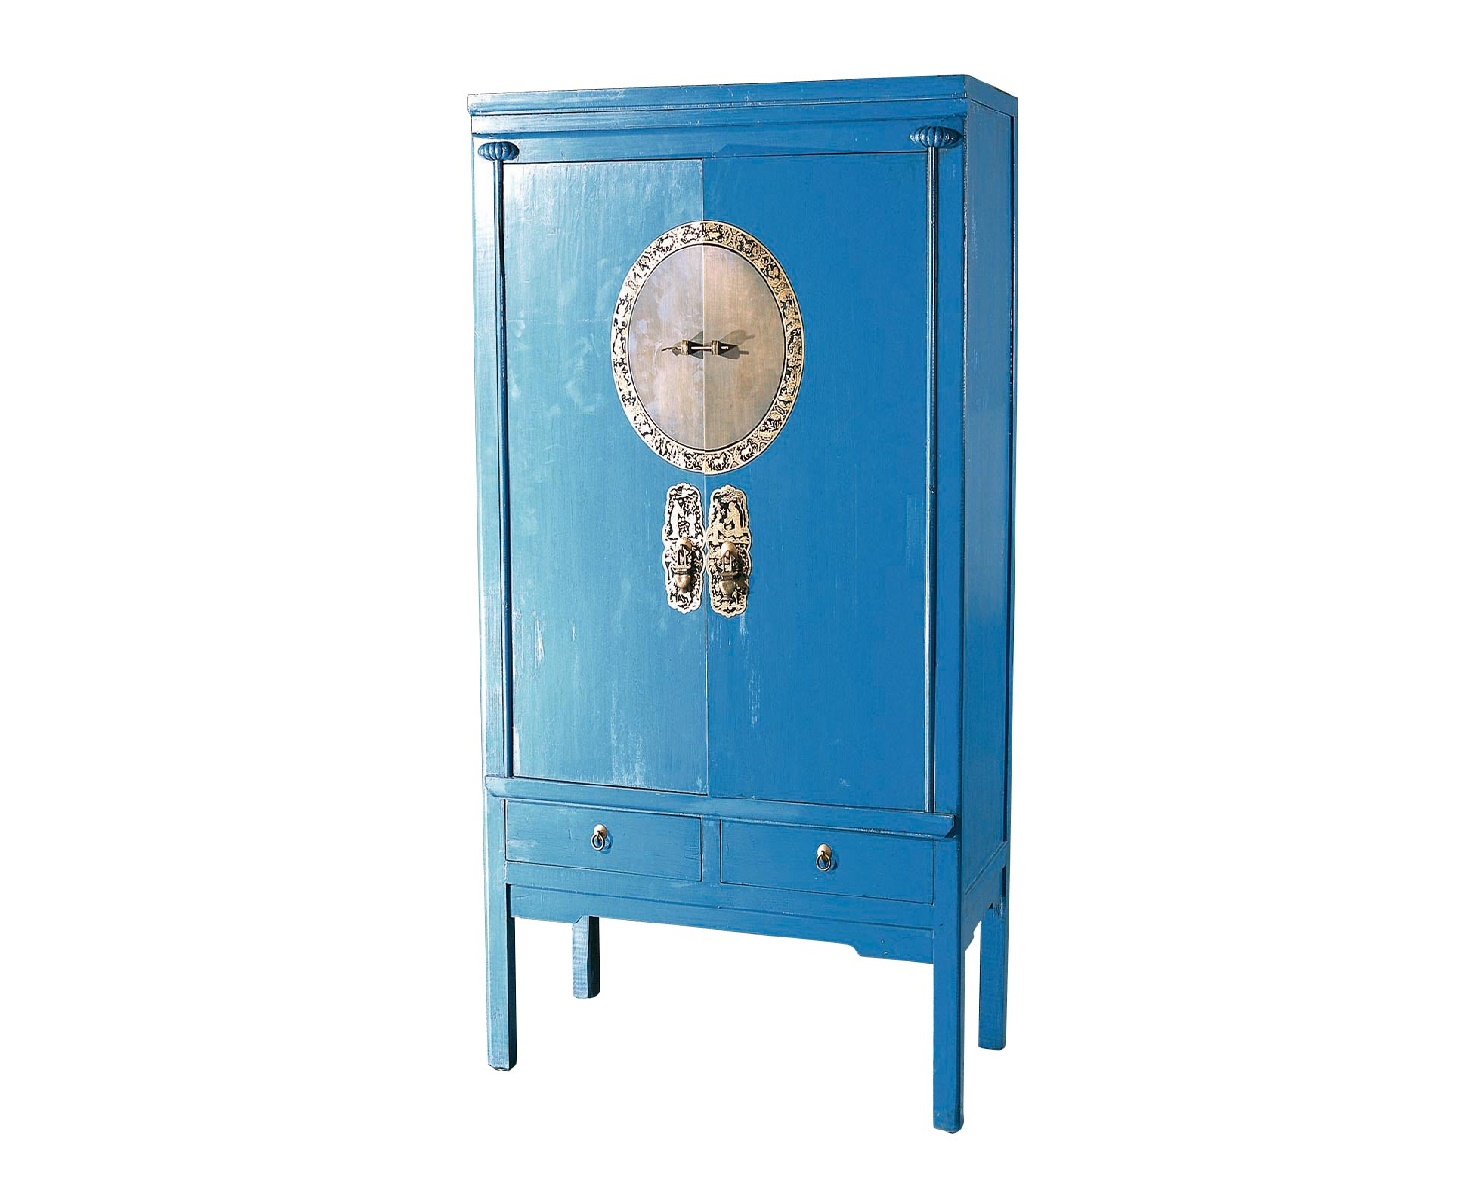 Шкаф ГуйБельевые шкафы<br>Ценителям старинной мебели, несущей в себе завораживающее очарование определенной эпохи, понравится шкаф &amp;quot;Гуй&amp;quot;. Он выполнен в ярком голубом цвете и является репродукцией мебели, использовавшейся в период правления династии Мин. Главным украшением шкафа служит латунная накладка с запором. Он отлично дополнит собой интерьер в стиле этно.<br><br>Material: Дерево<br>Length см: 105<br>Width см: 50<br>Height см: 170